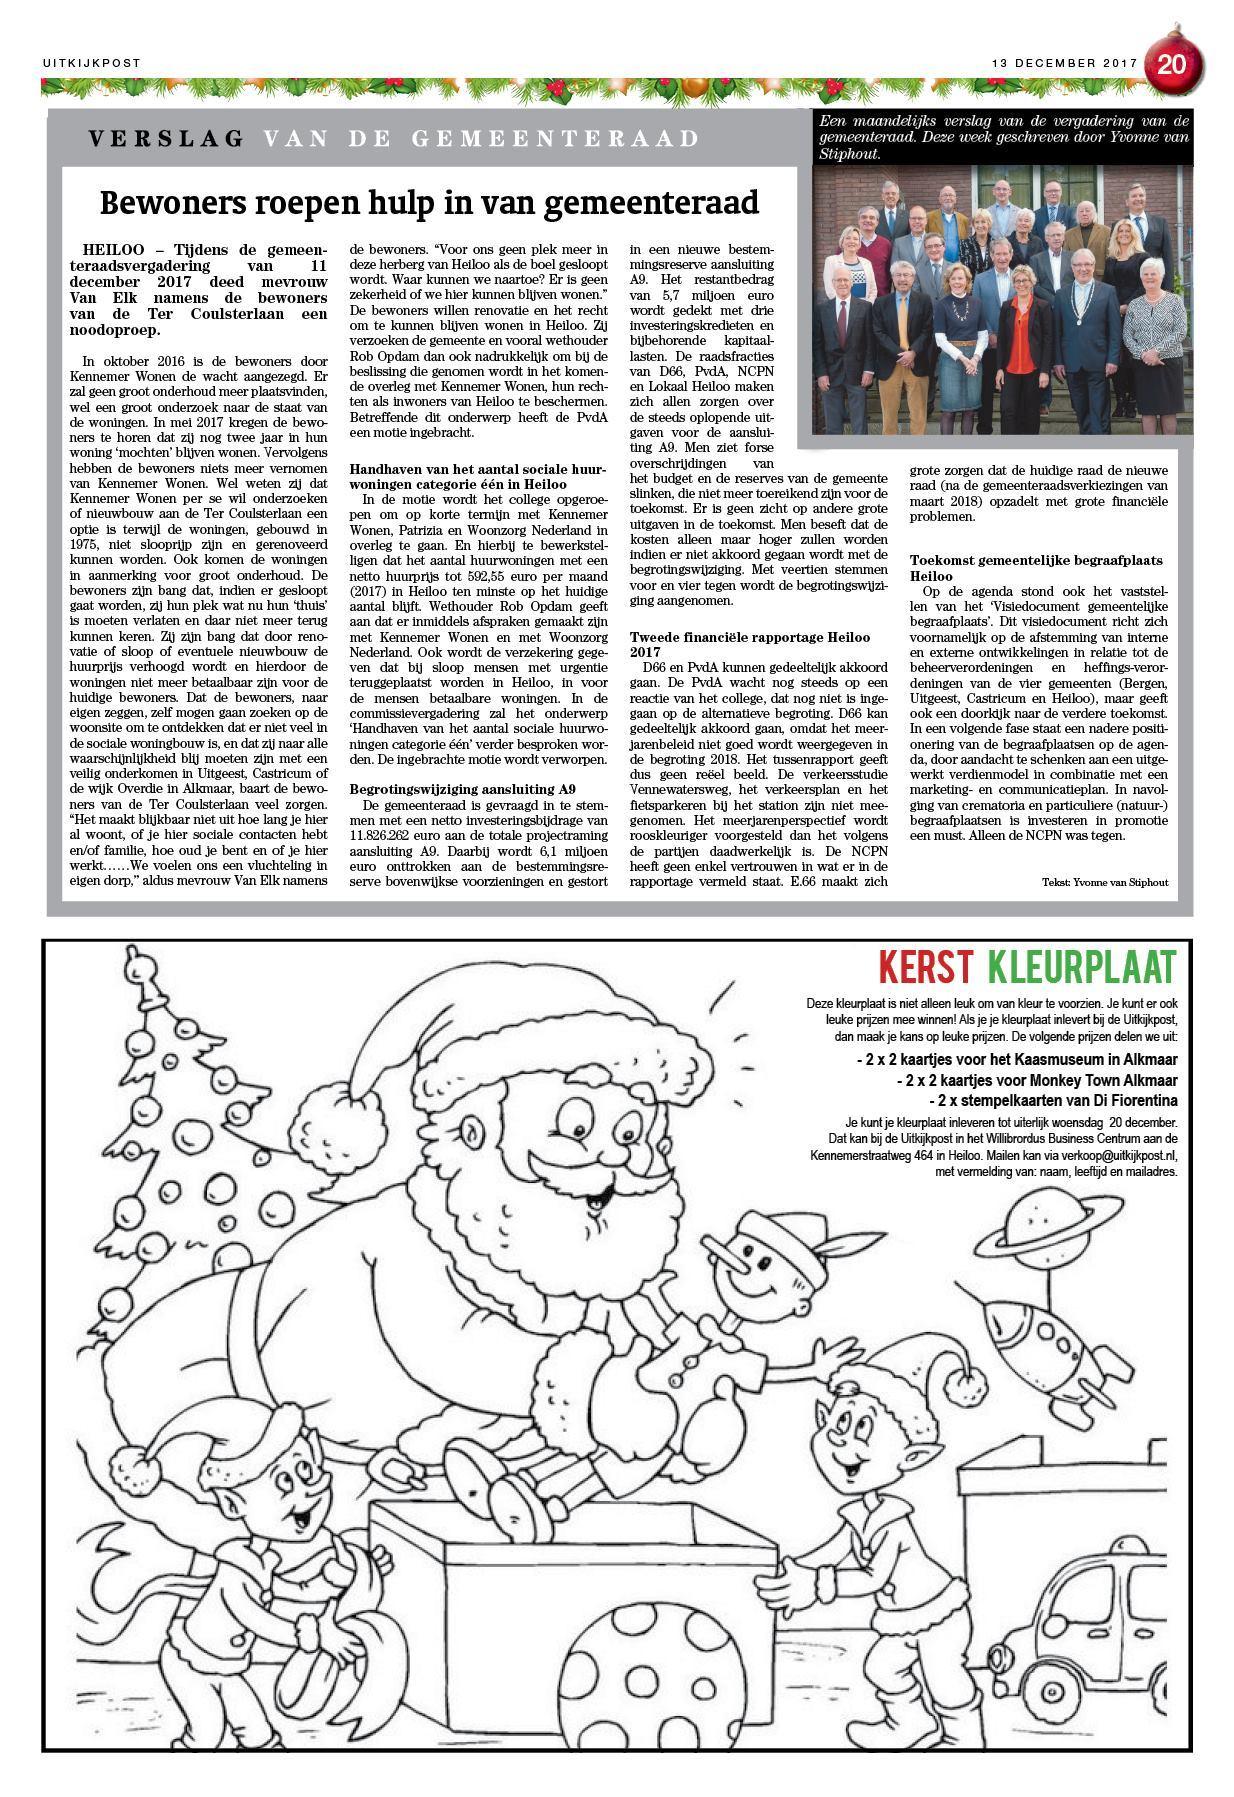 Kleurplaten Hartsvriendinnen.De Uitkijkpost 13 December 2017